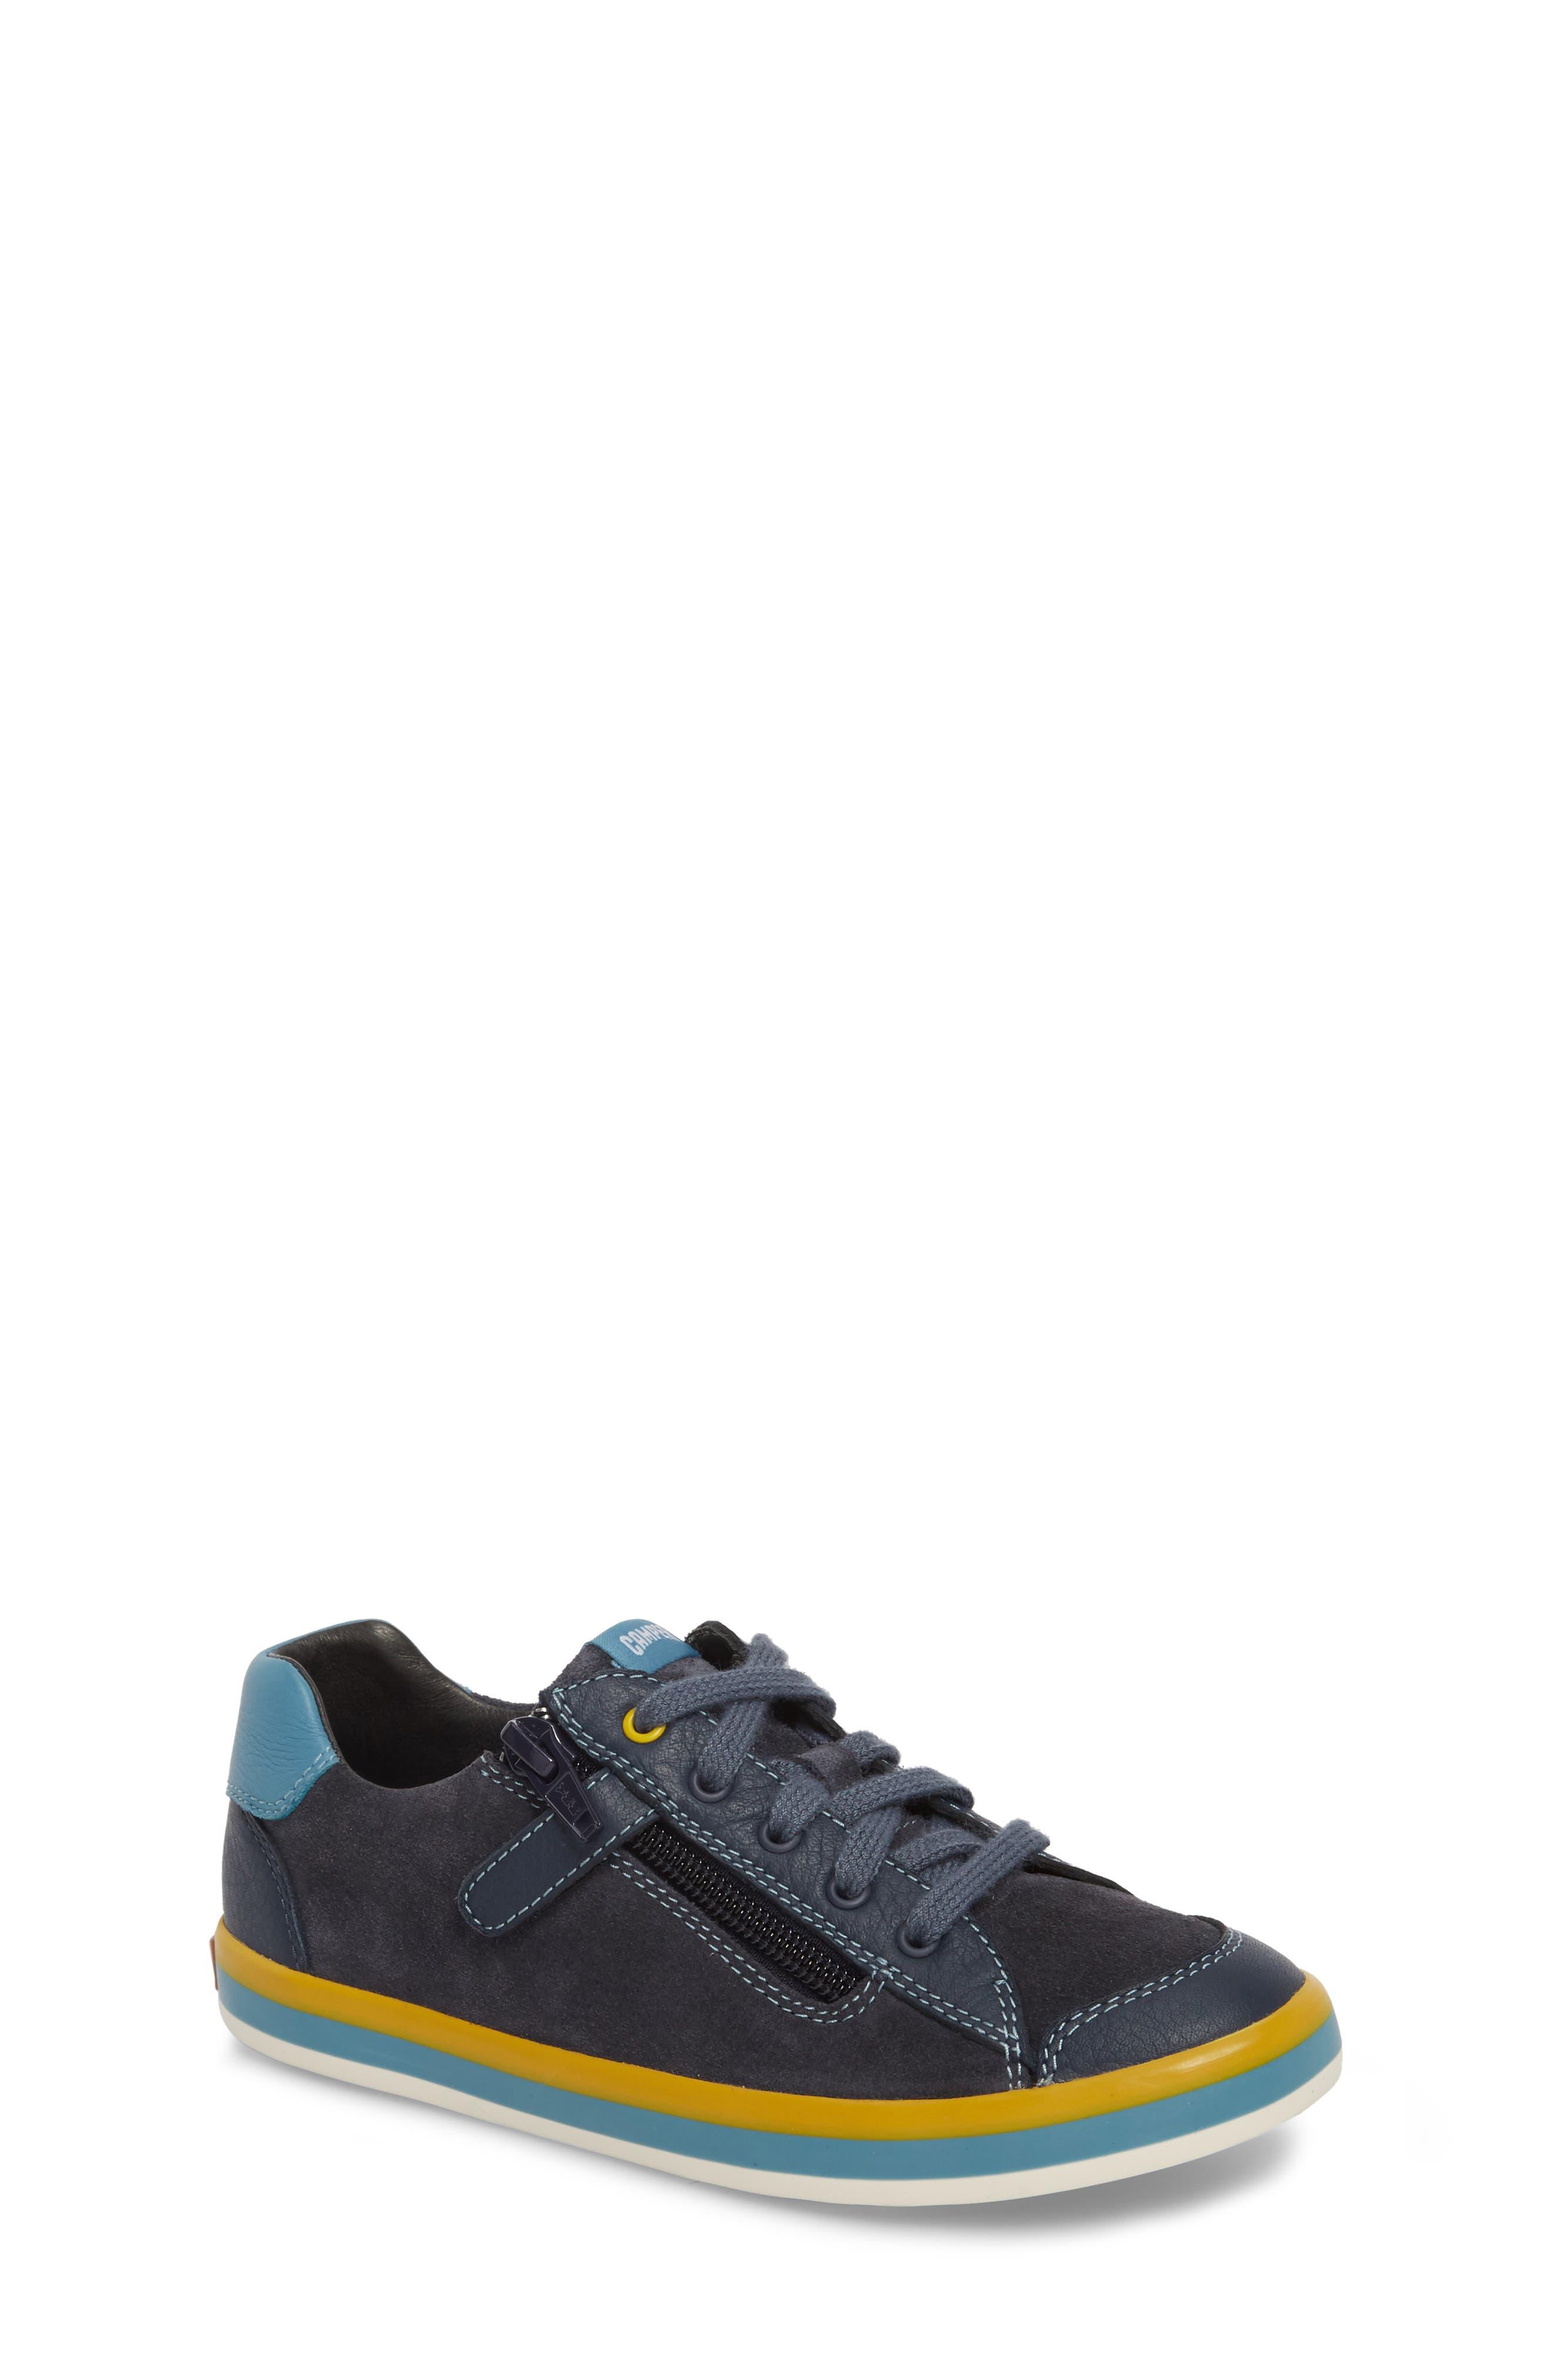 Pursuit Sneaker,                         Main,                         color, Blue